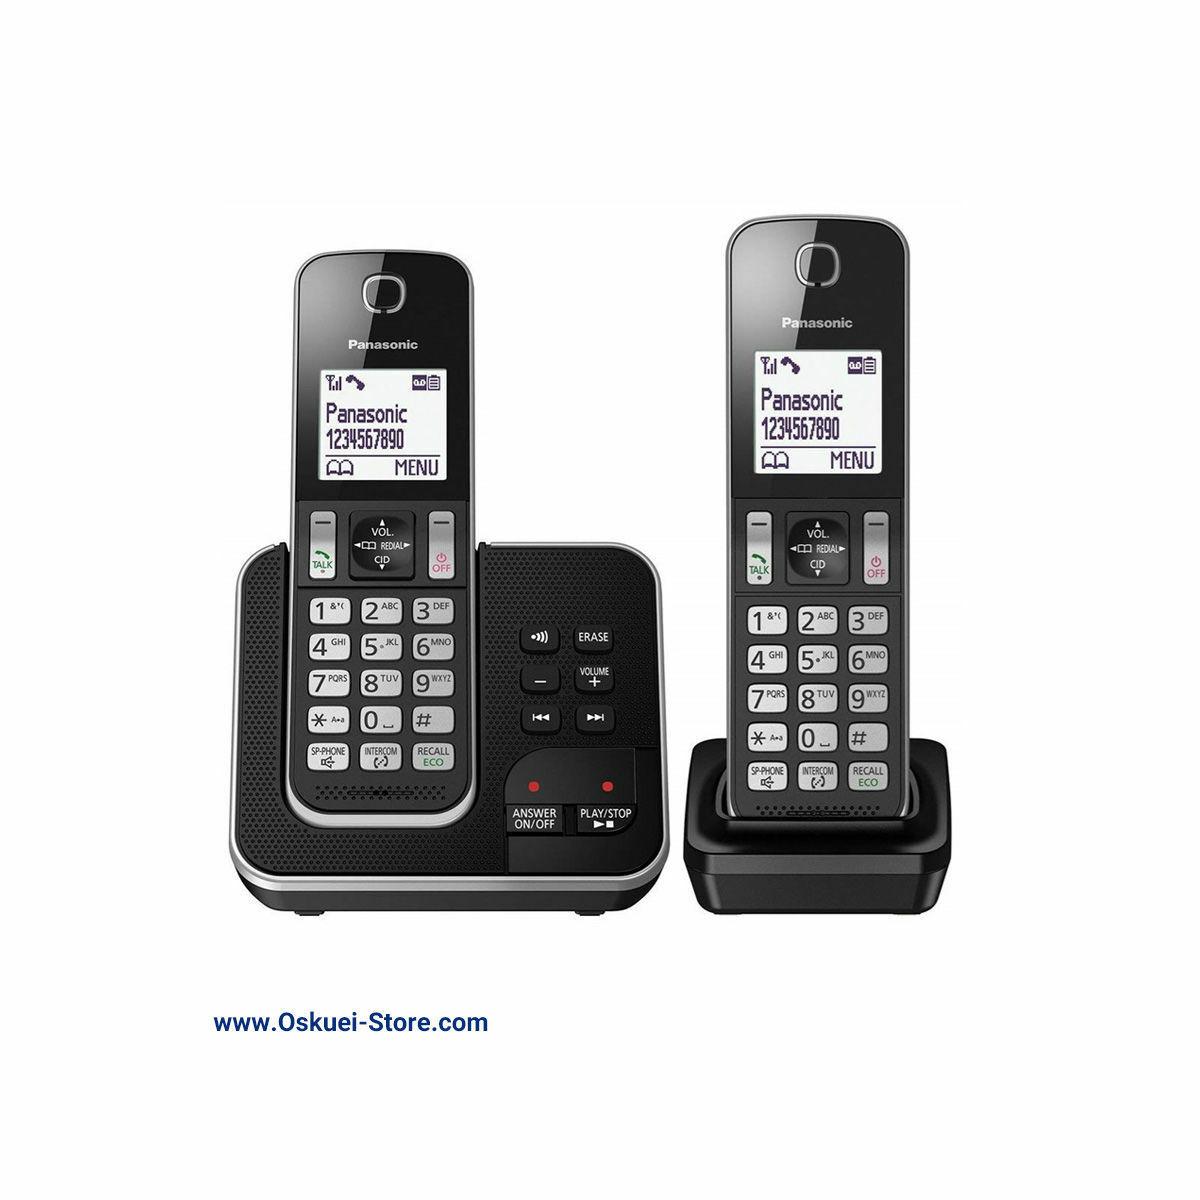 تلفن بي سيم پاناسونيک مدل KX-TGD392 RB